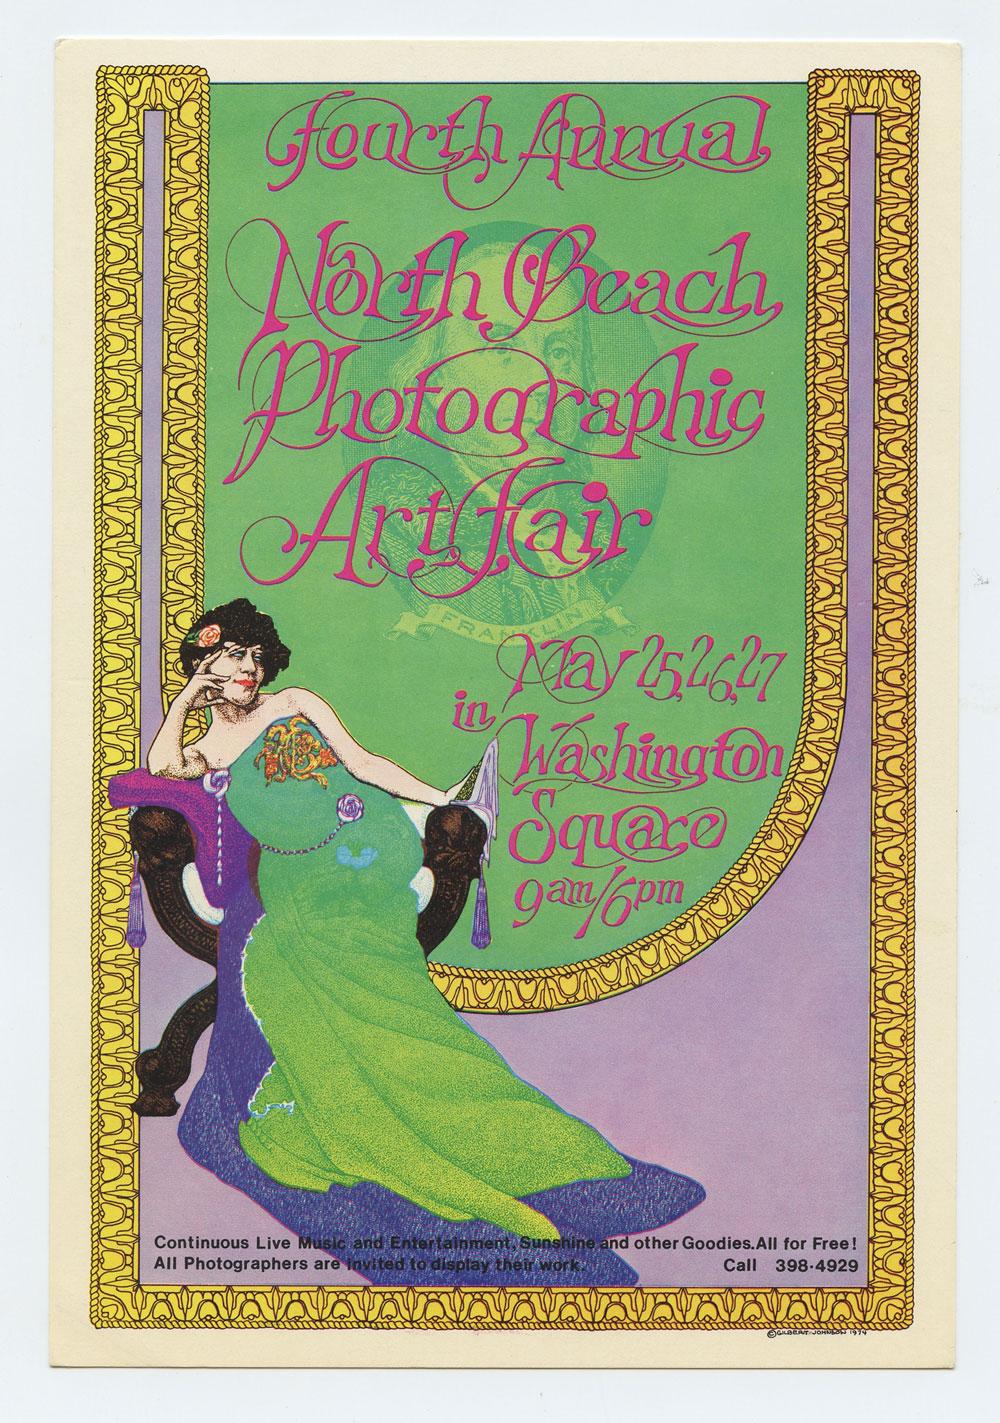 Gilbert Johnson Handbill 1974 North Beach Photographic Art Fair